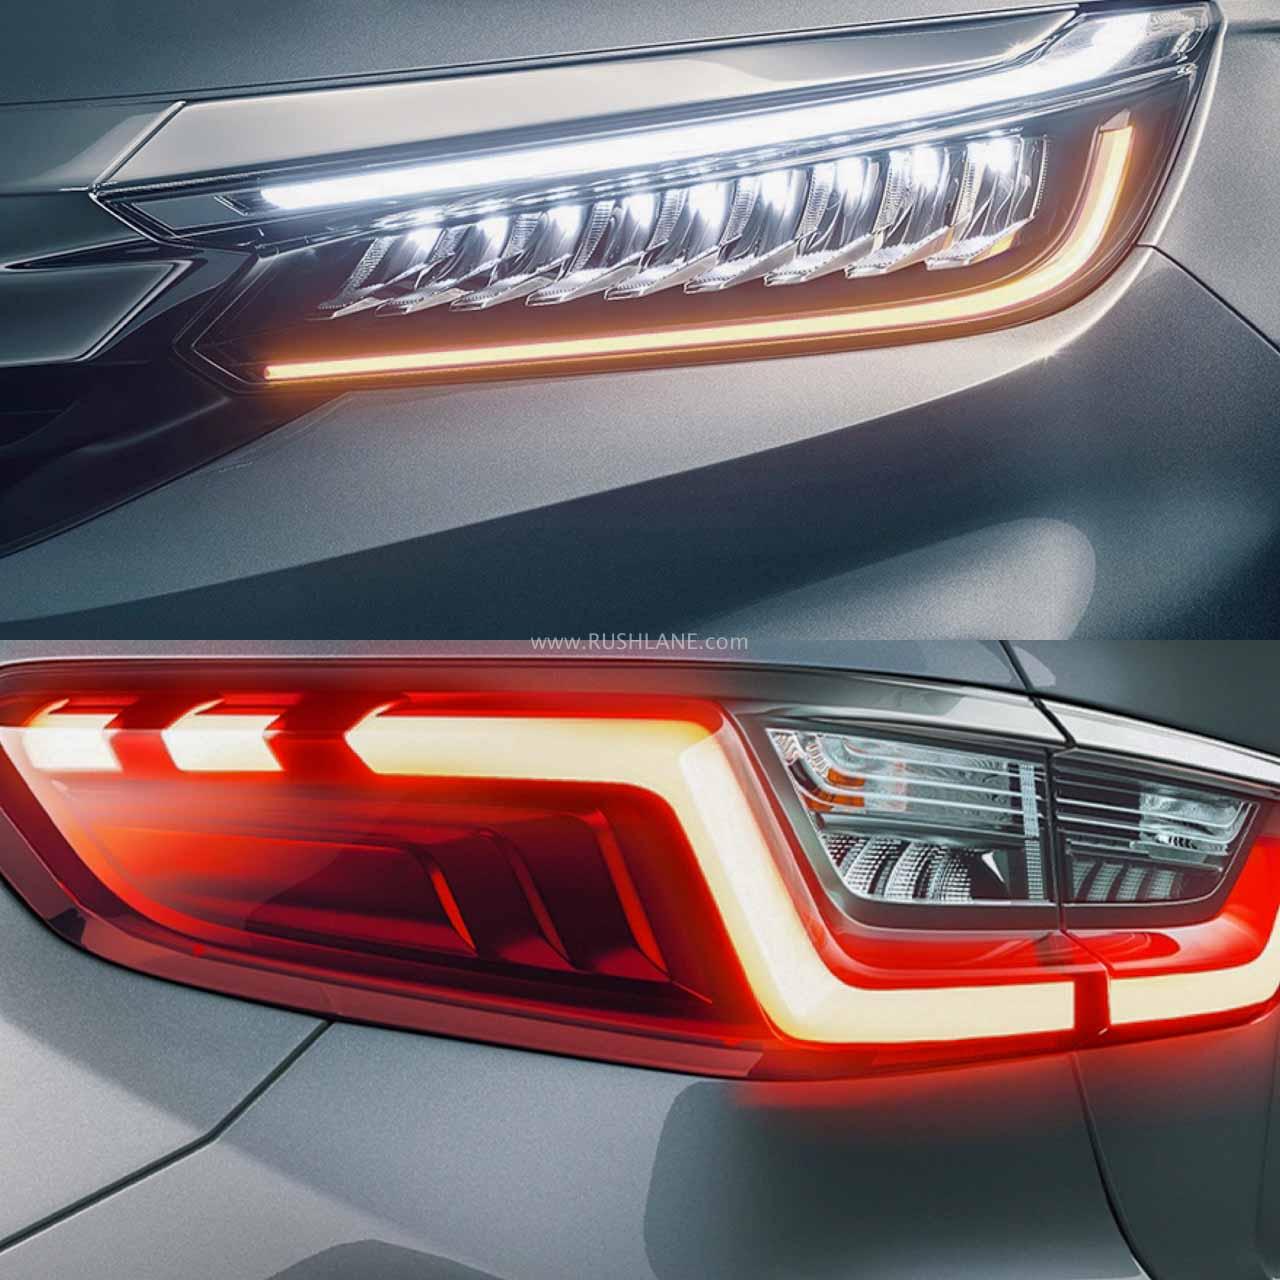 2020 Honda City headlight and tail light